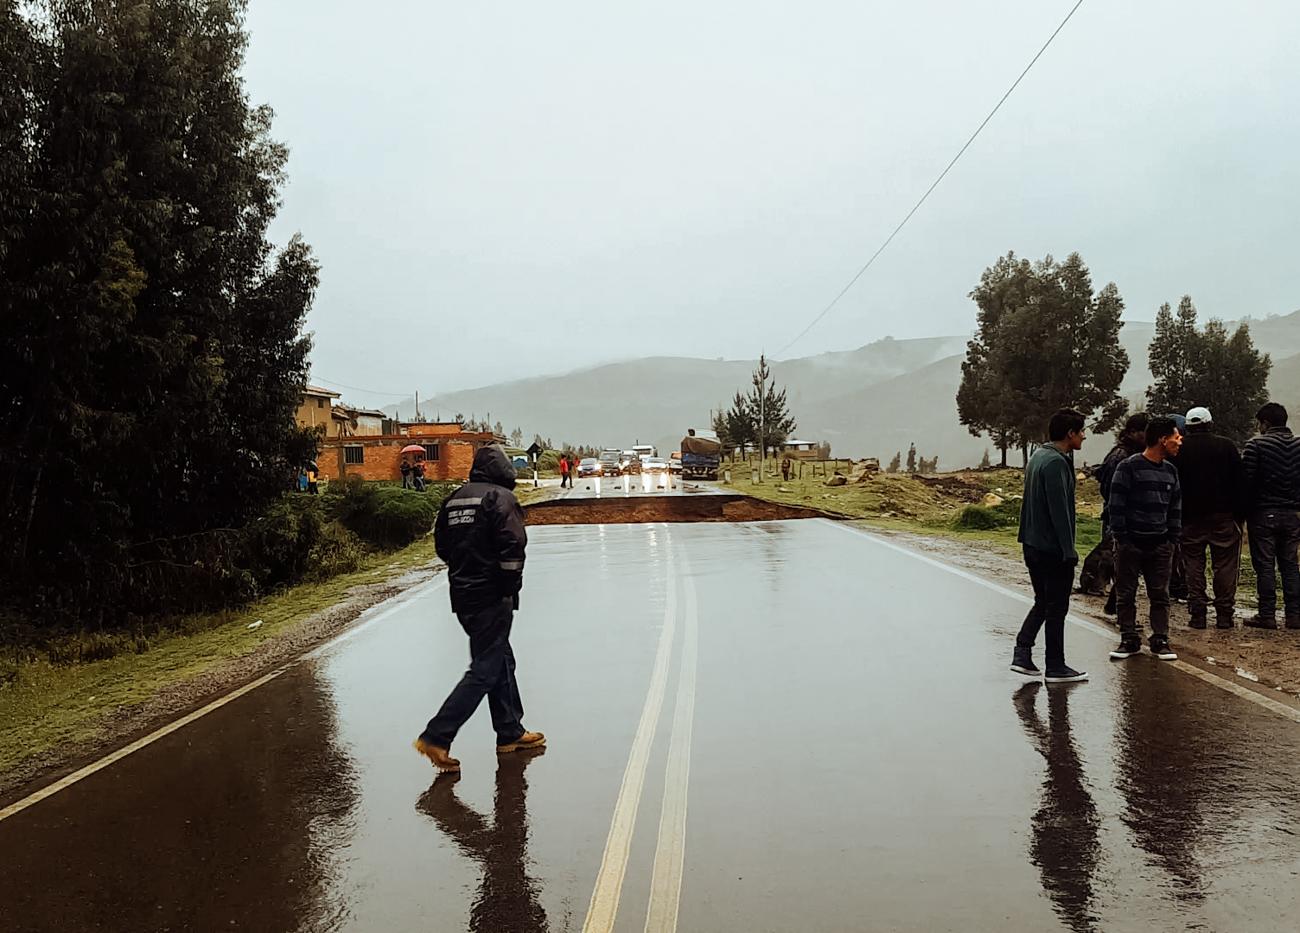 Huayco: Uma imensa vala se formou na rodovia. As pessoas do lado direito estavam observando o terreno desmoronando mais à frente.